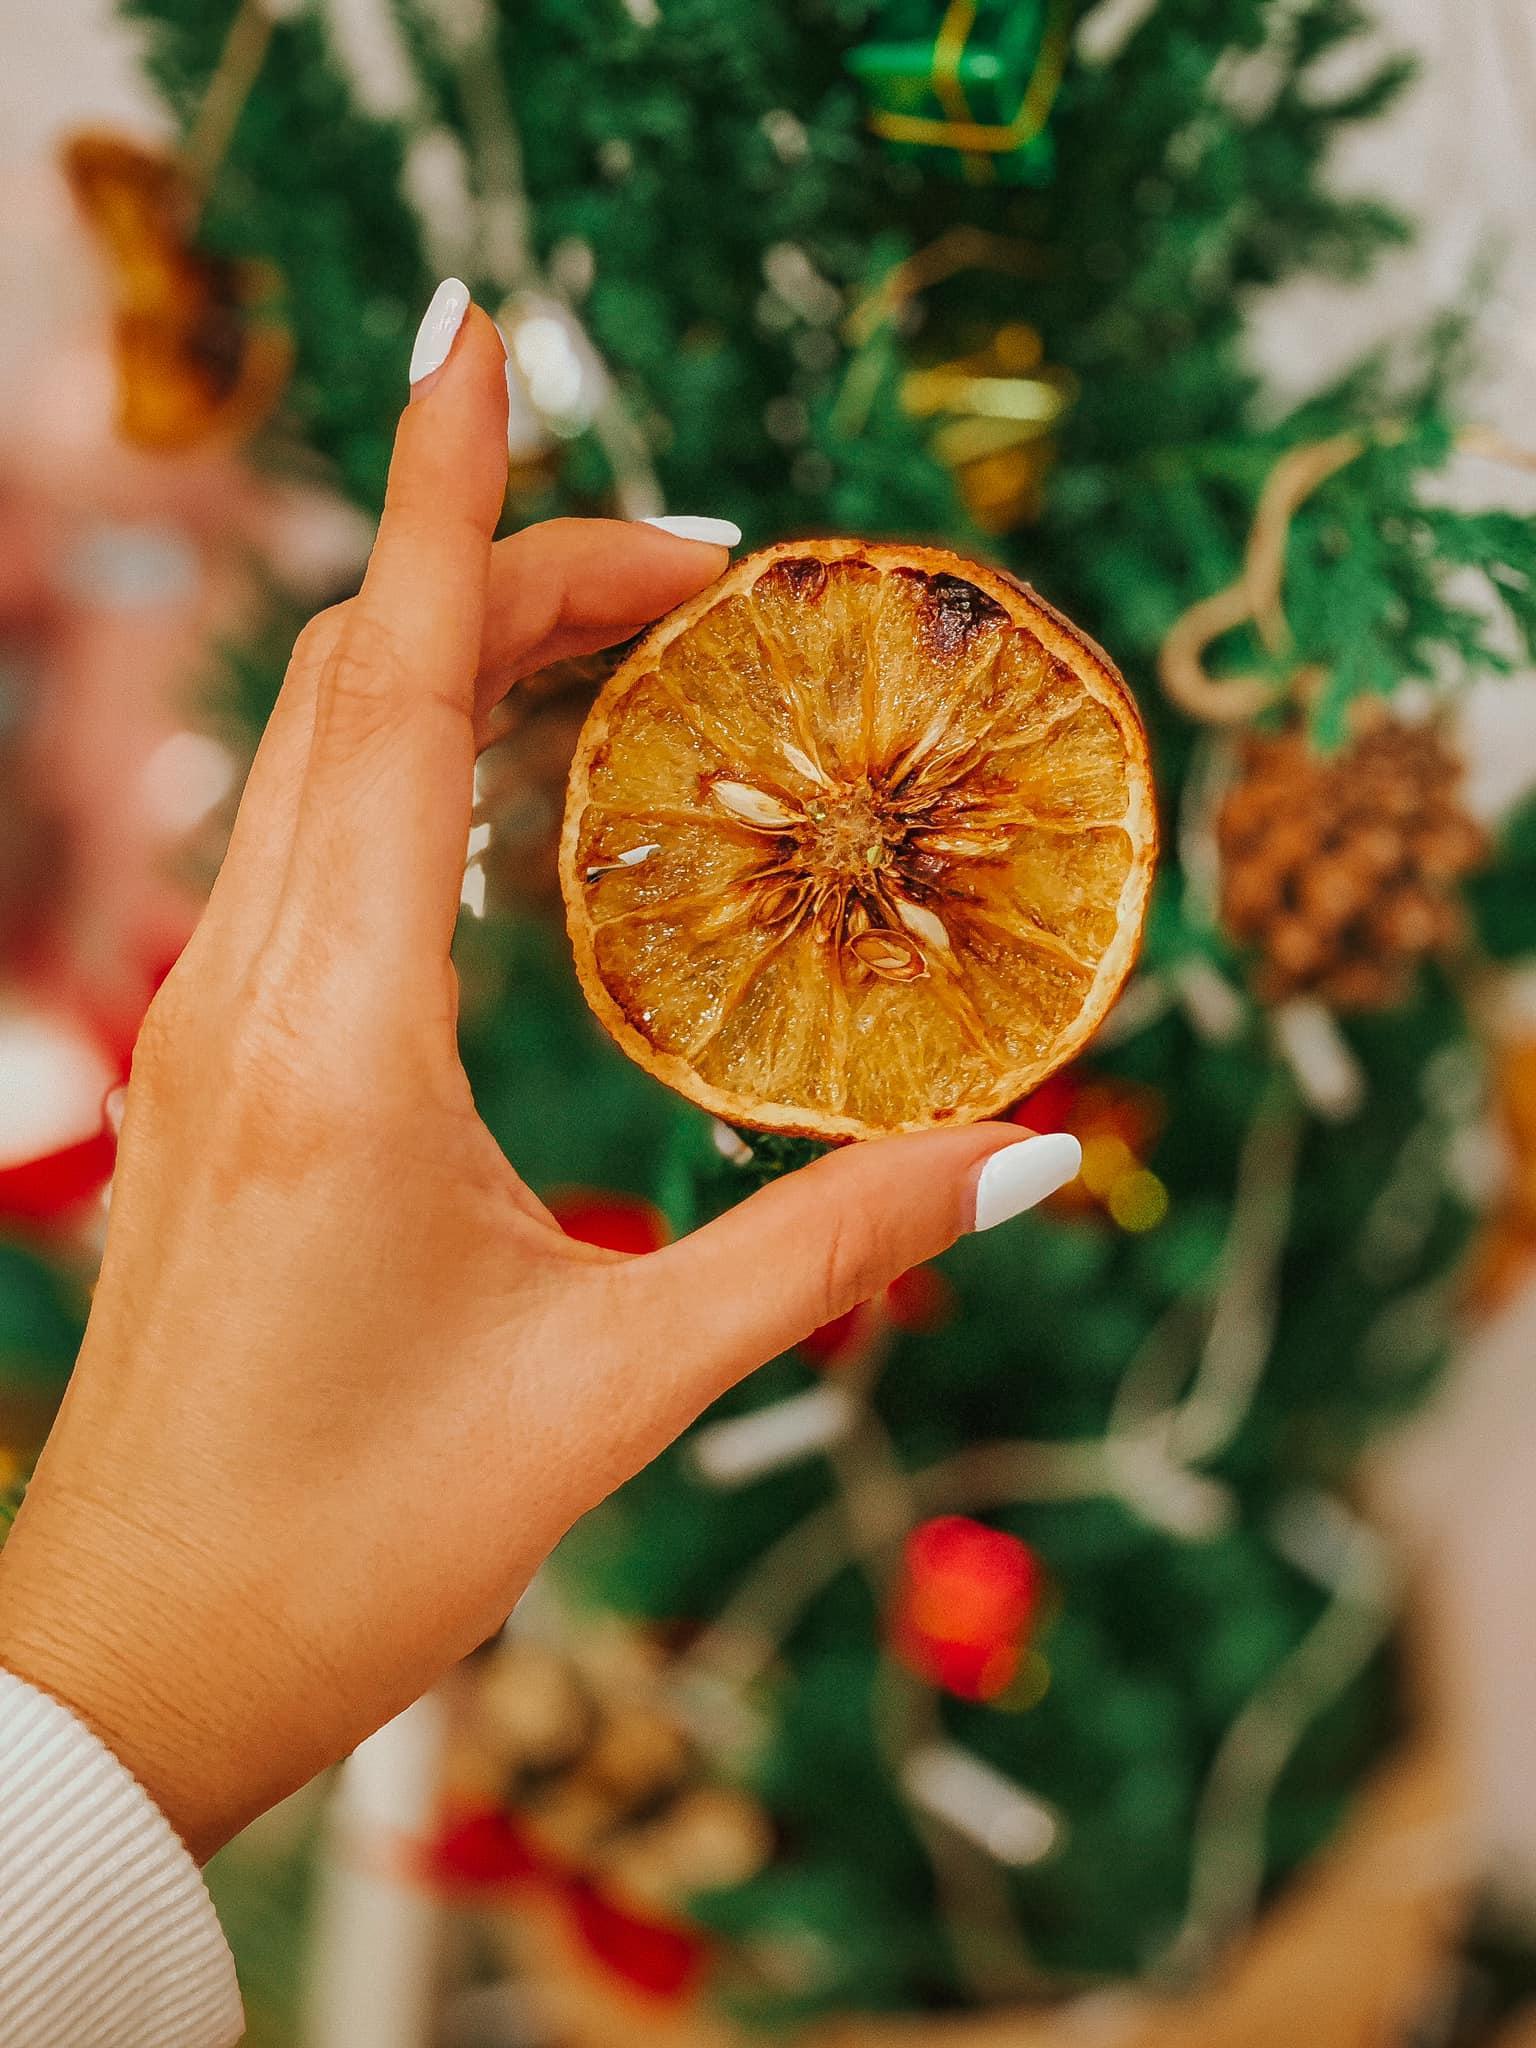 Làm trái cây sấy bằng nồi chiên không dầu siêu tiện, hội chị em dùng làm nước detox, uống trà và lại có thêm đồ decor cây thông Noel